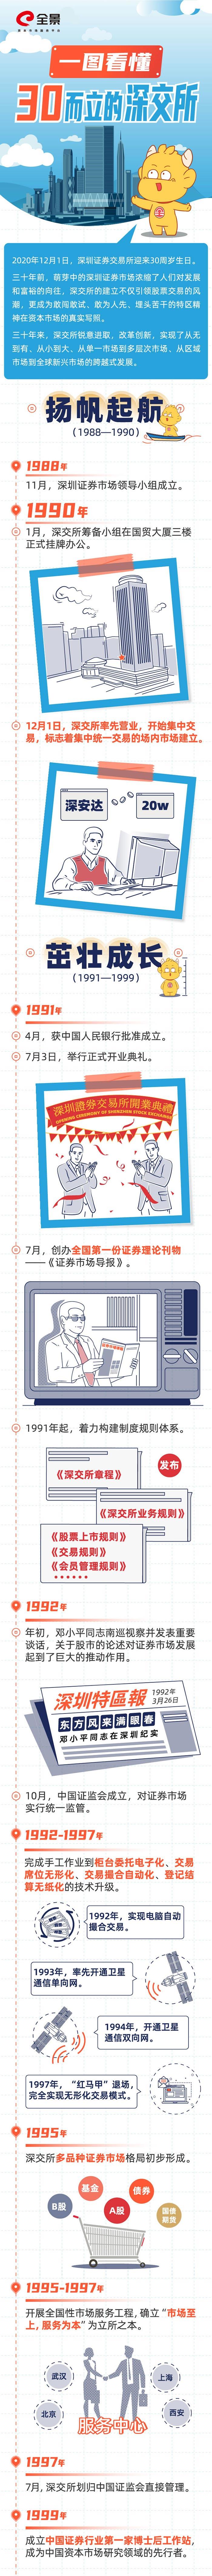 看图:成立30年的深交所,向中国资本市场30周年献礼